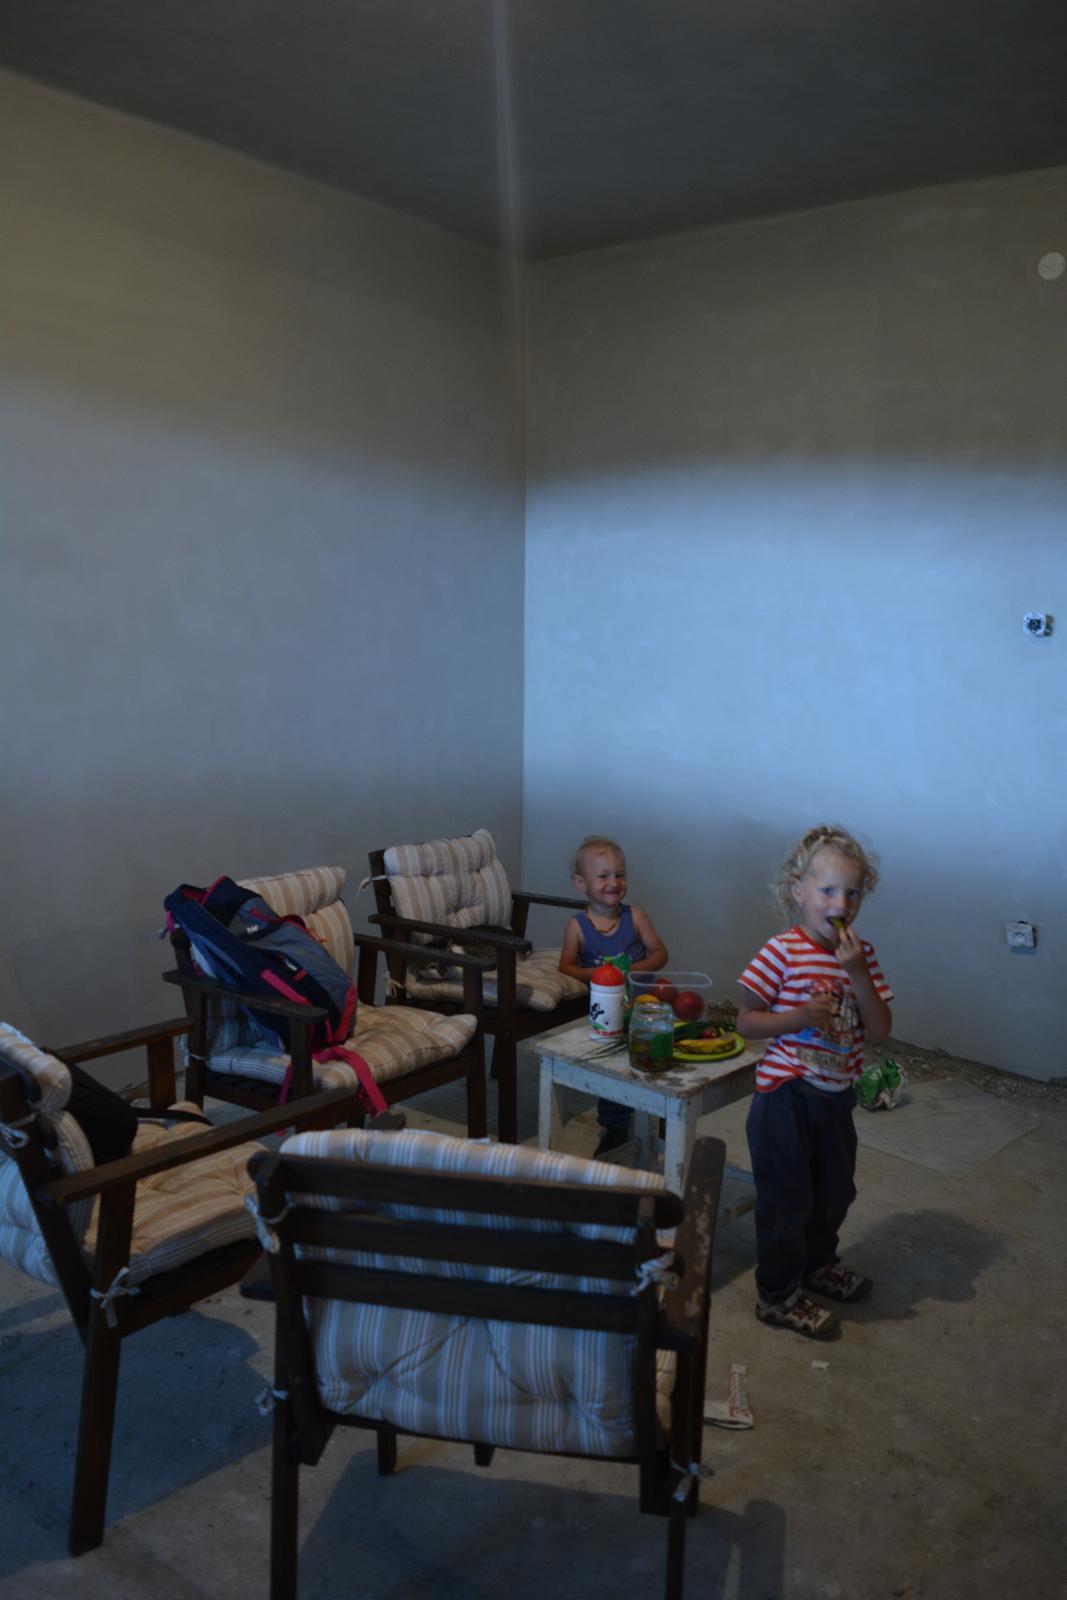 """Náš nový domov ... - ... """"když venku prší ...."""" .. a zároveň jedna z prvních hotových stěn připravených k malbě .."""